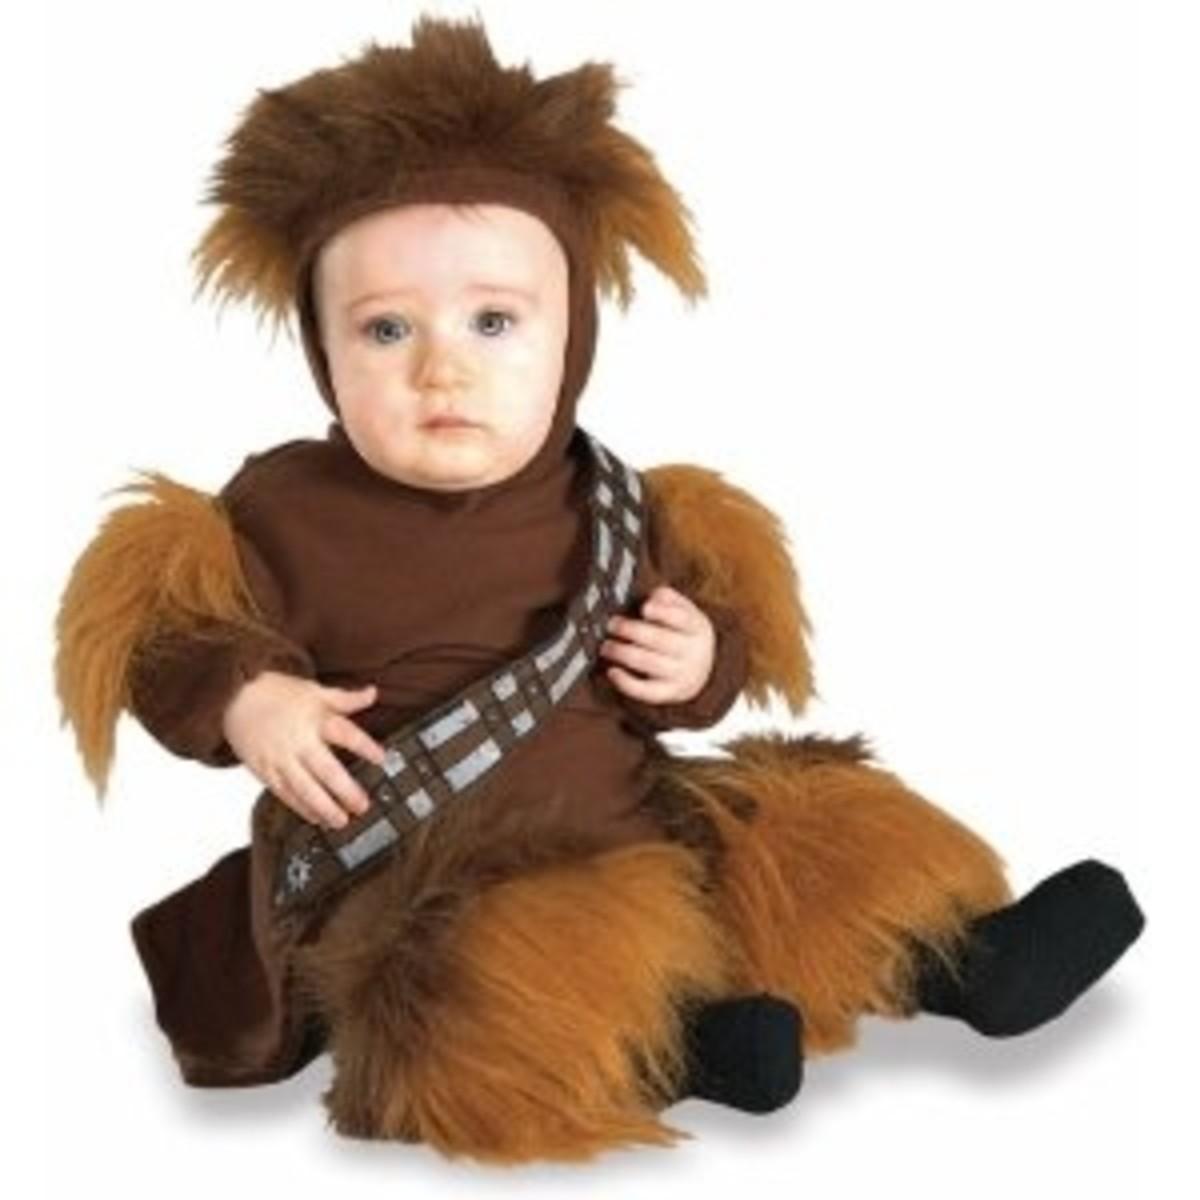 Baby Boy Chewbacca Star Wars Costume (6-12 Months)